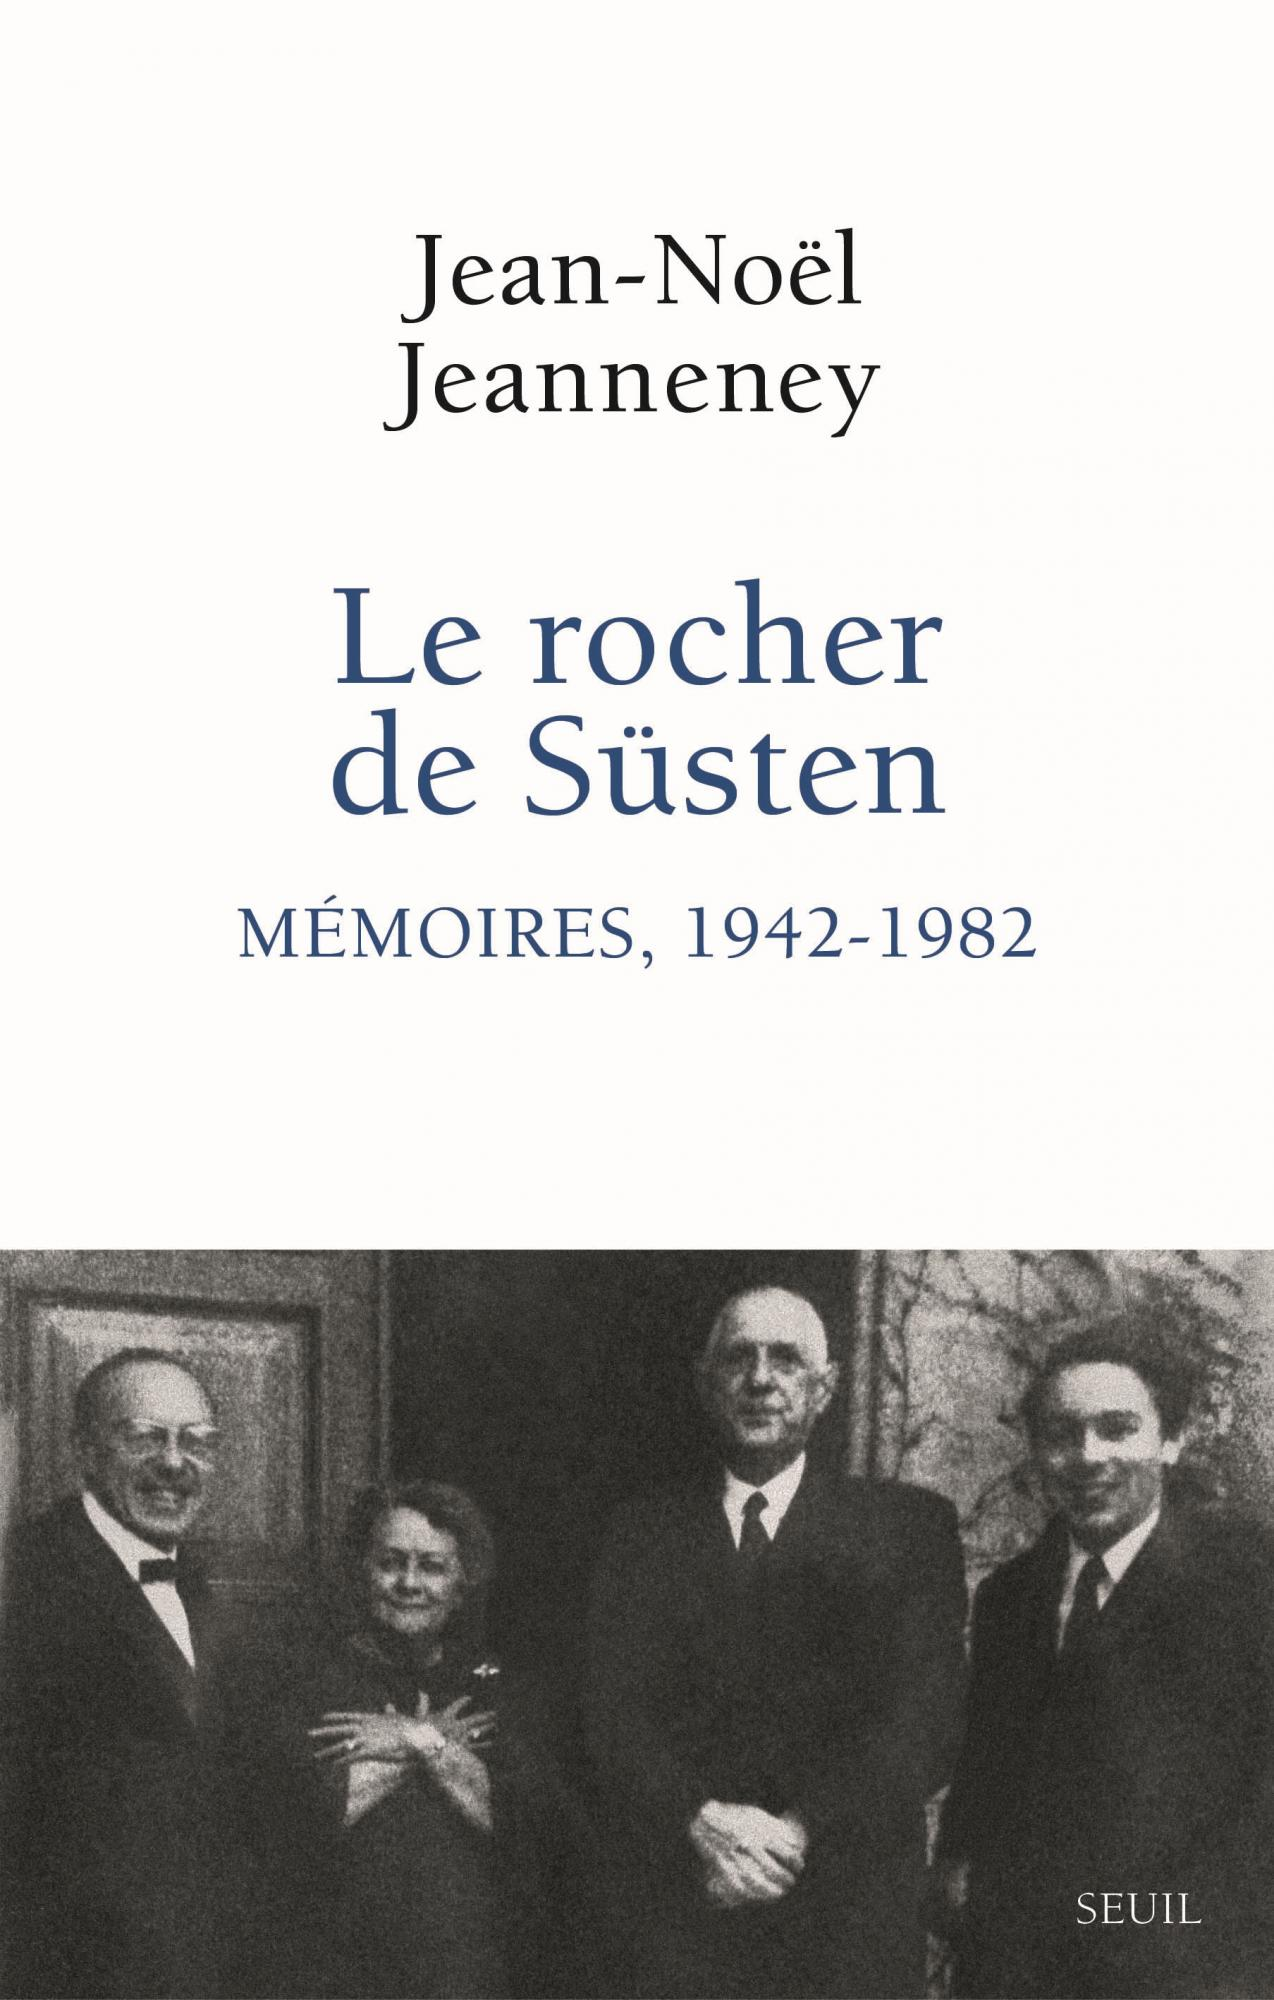 J.-N. Jeanneney, Le Rocher de Süsten. Mémoires, 1942-1982